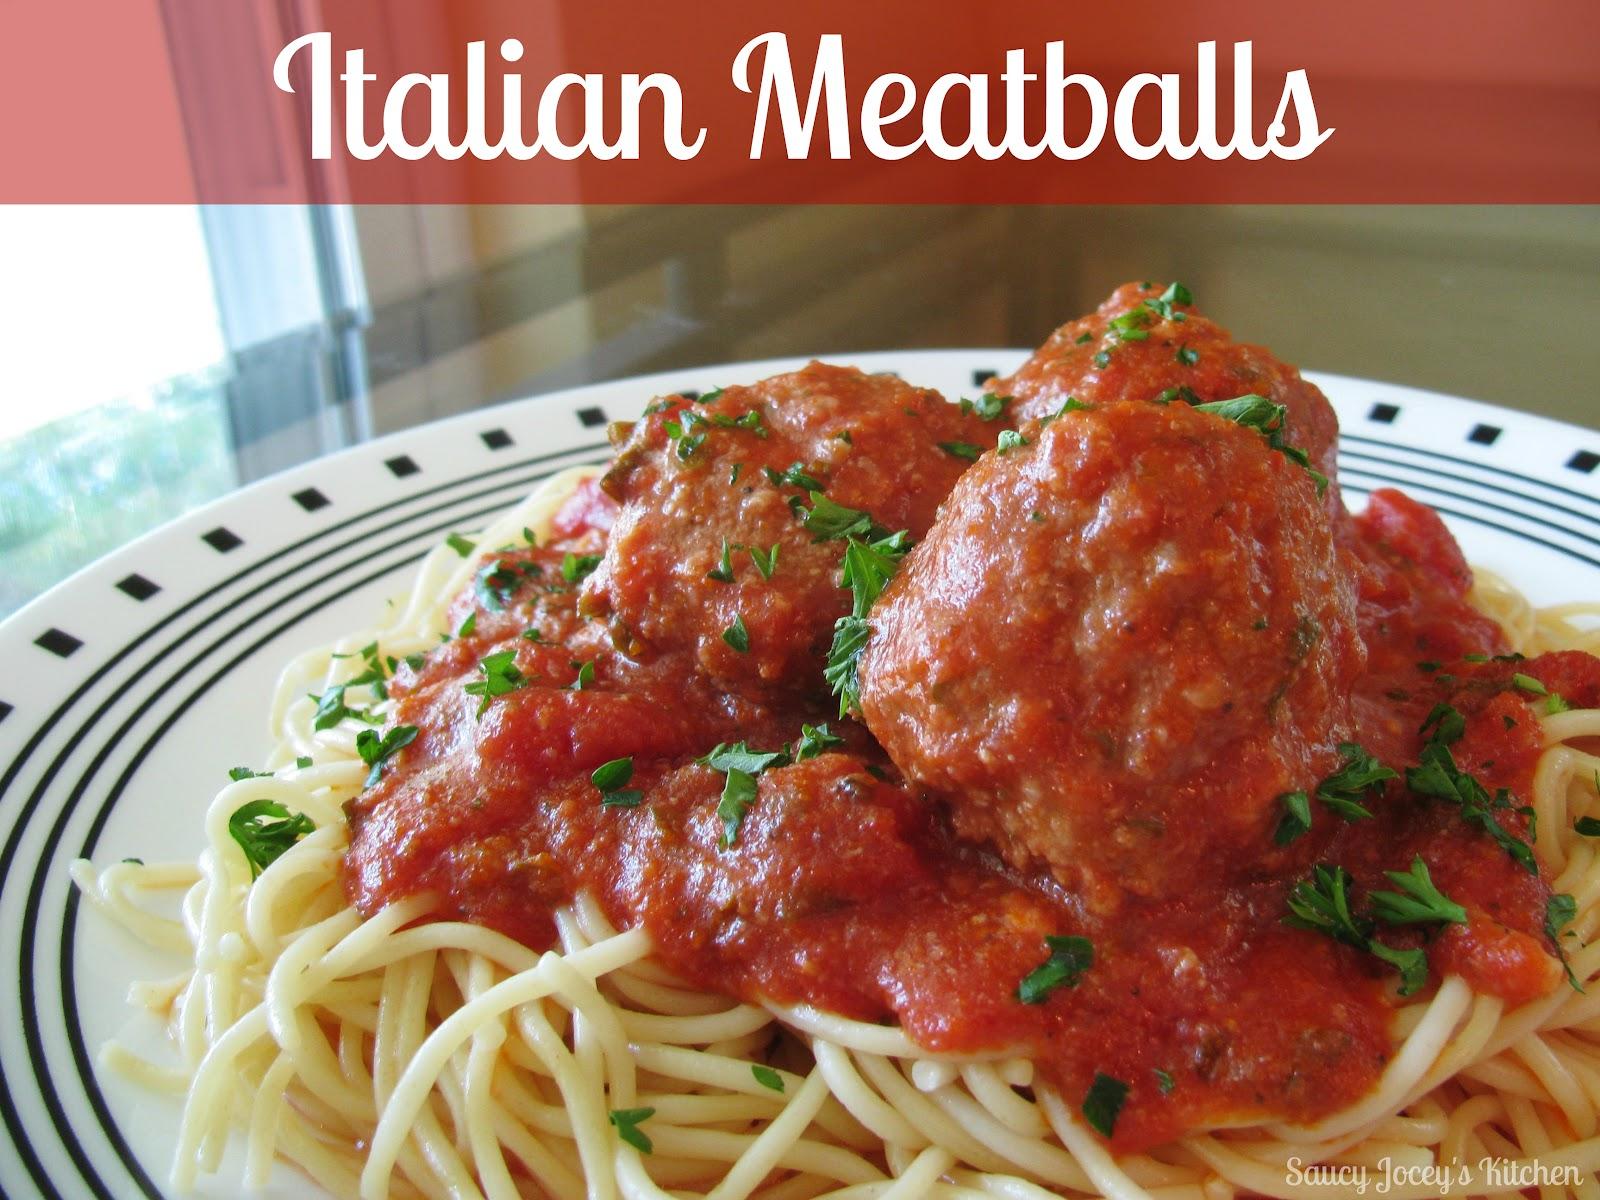 Saucy Jocey's Kitchen: Italian Meatballs